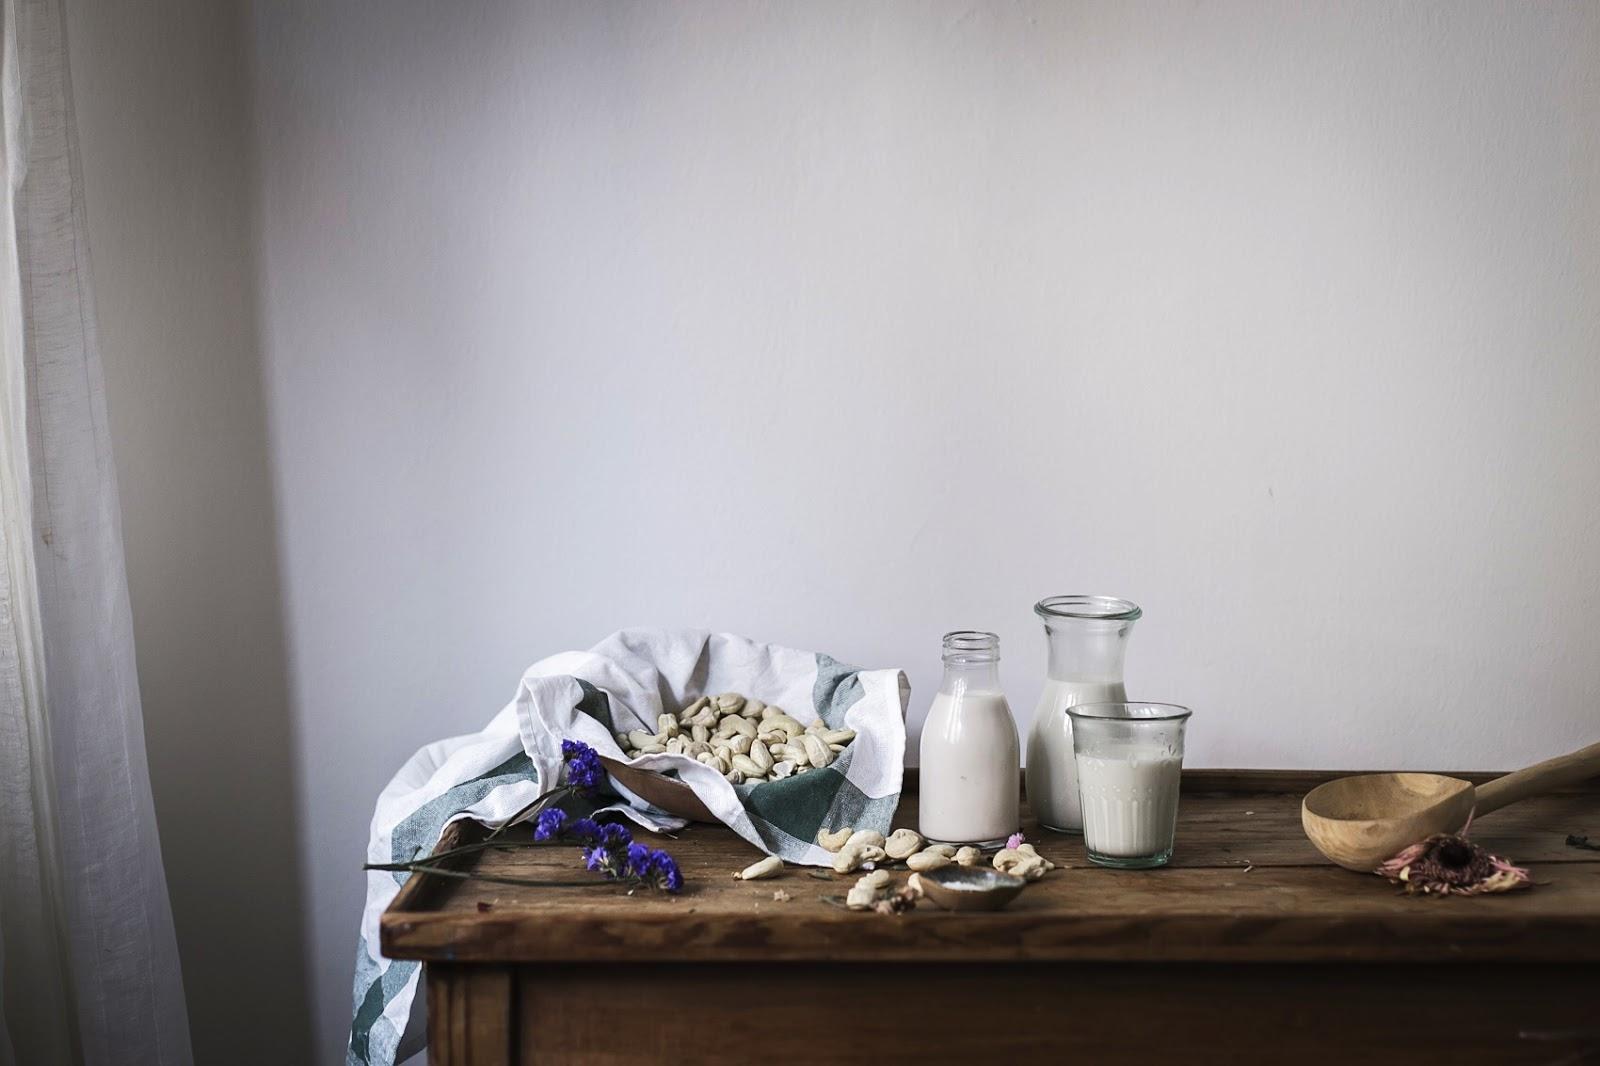 leche-vegetal-anacardos